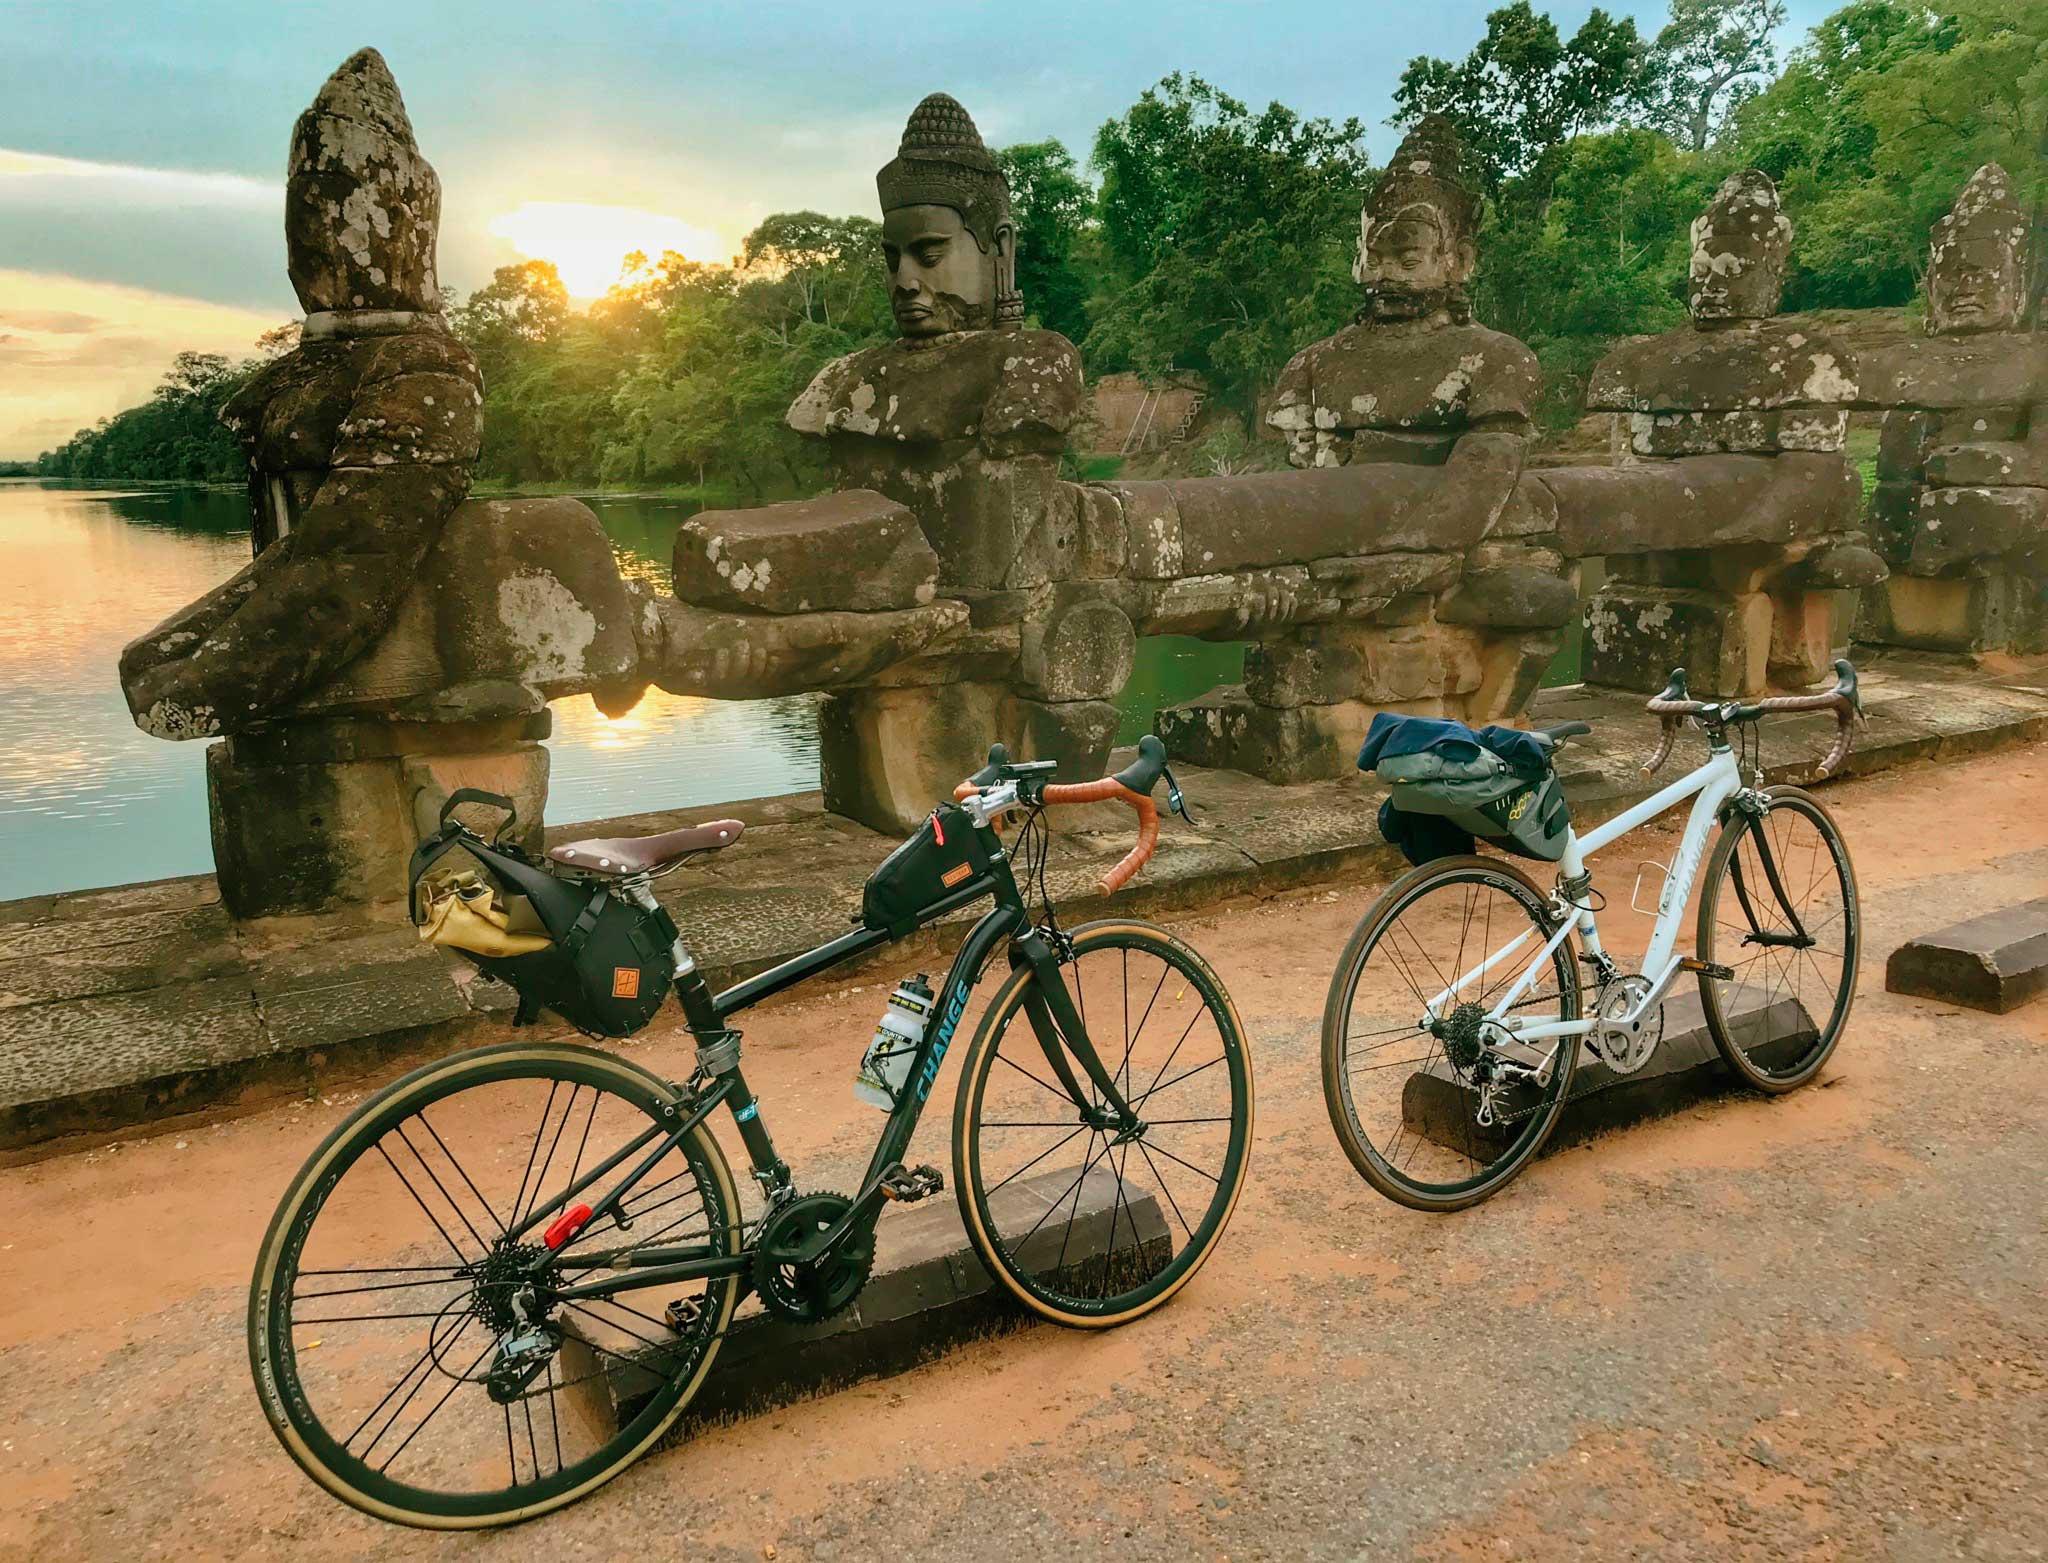 Visita los Templos de Angkor en bicicleta lo mejor de Camboya